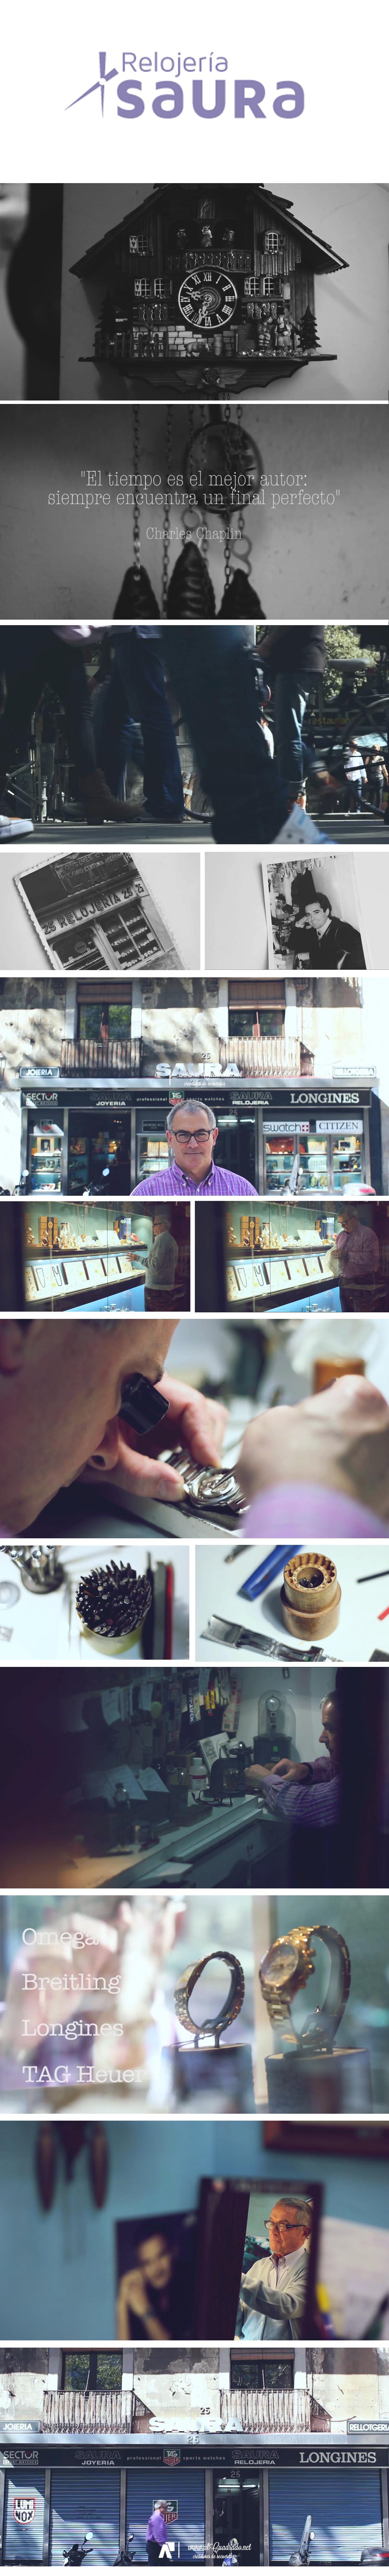 -un video un recuerdo- de la Joyeria Relojeria Saura, que tras 55 años cierra sus puertas. - alCuadrado Video Memories - www.alcuadrado.net